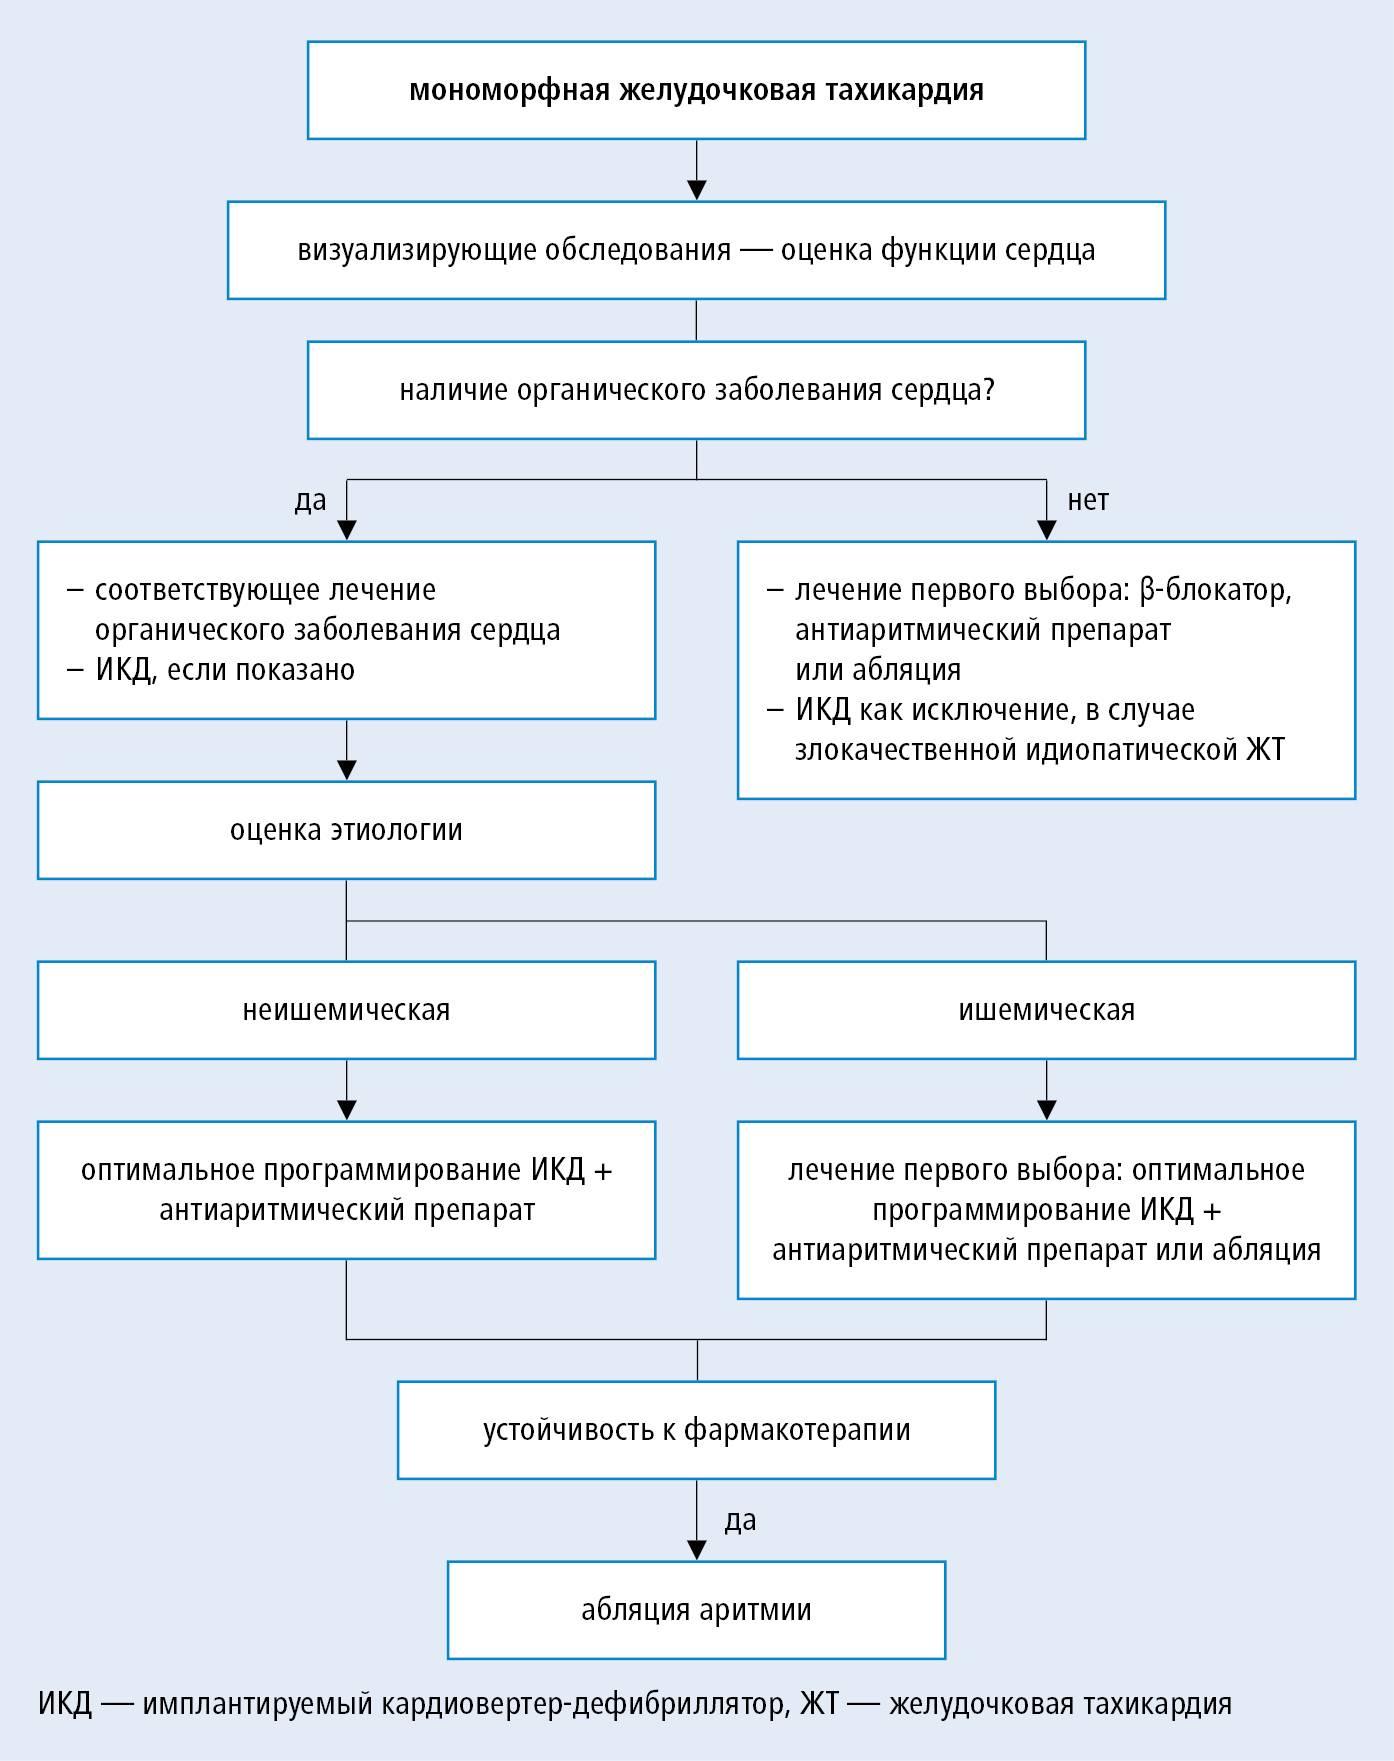 Отличительные особенности аритмии от тахикардии